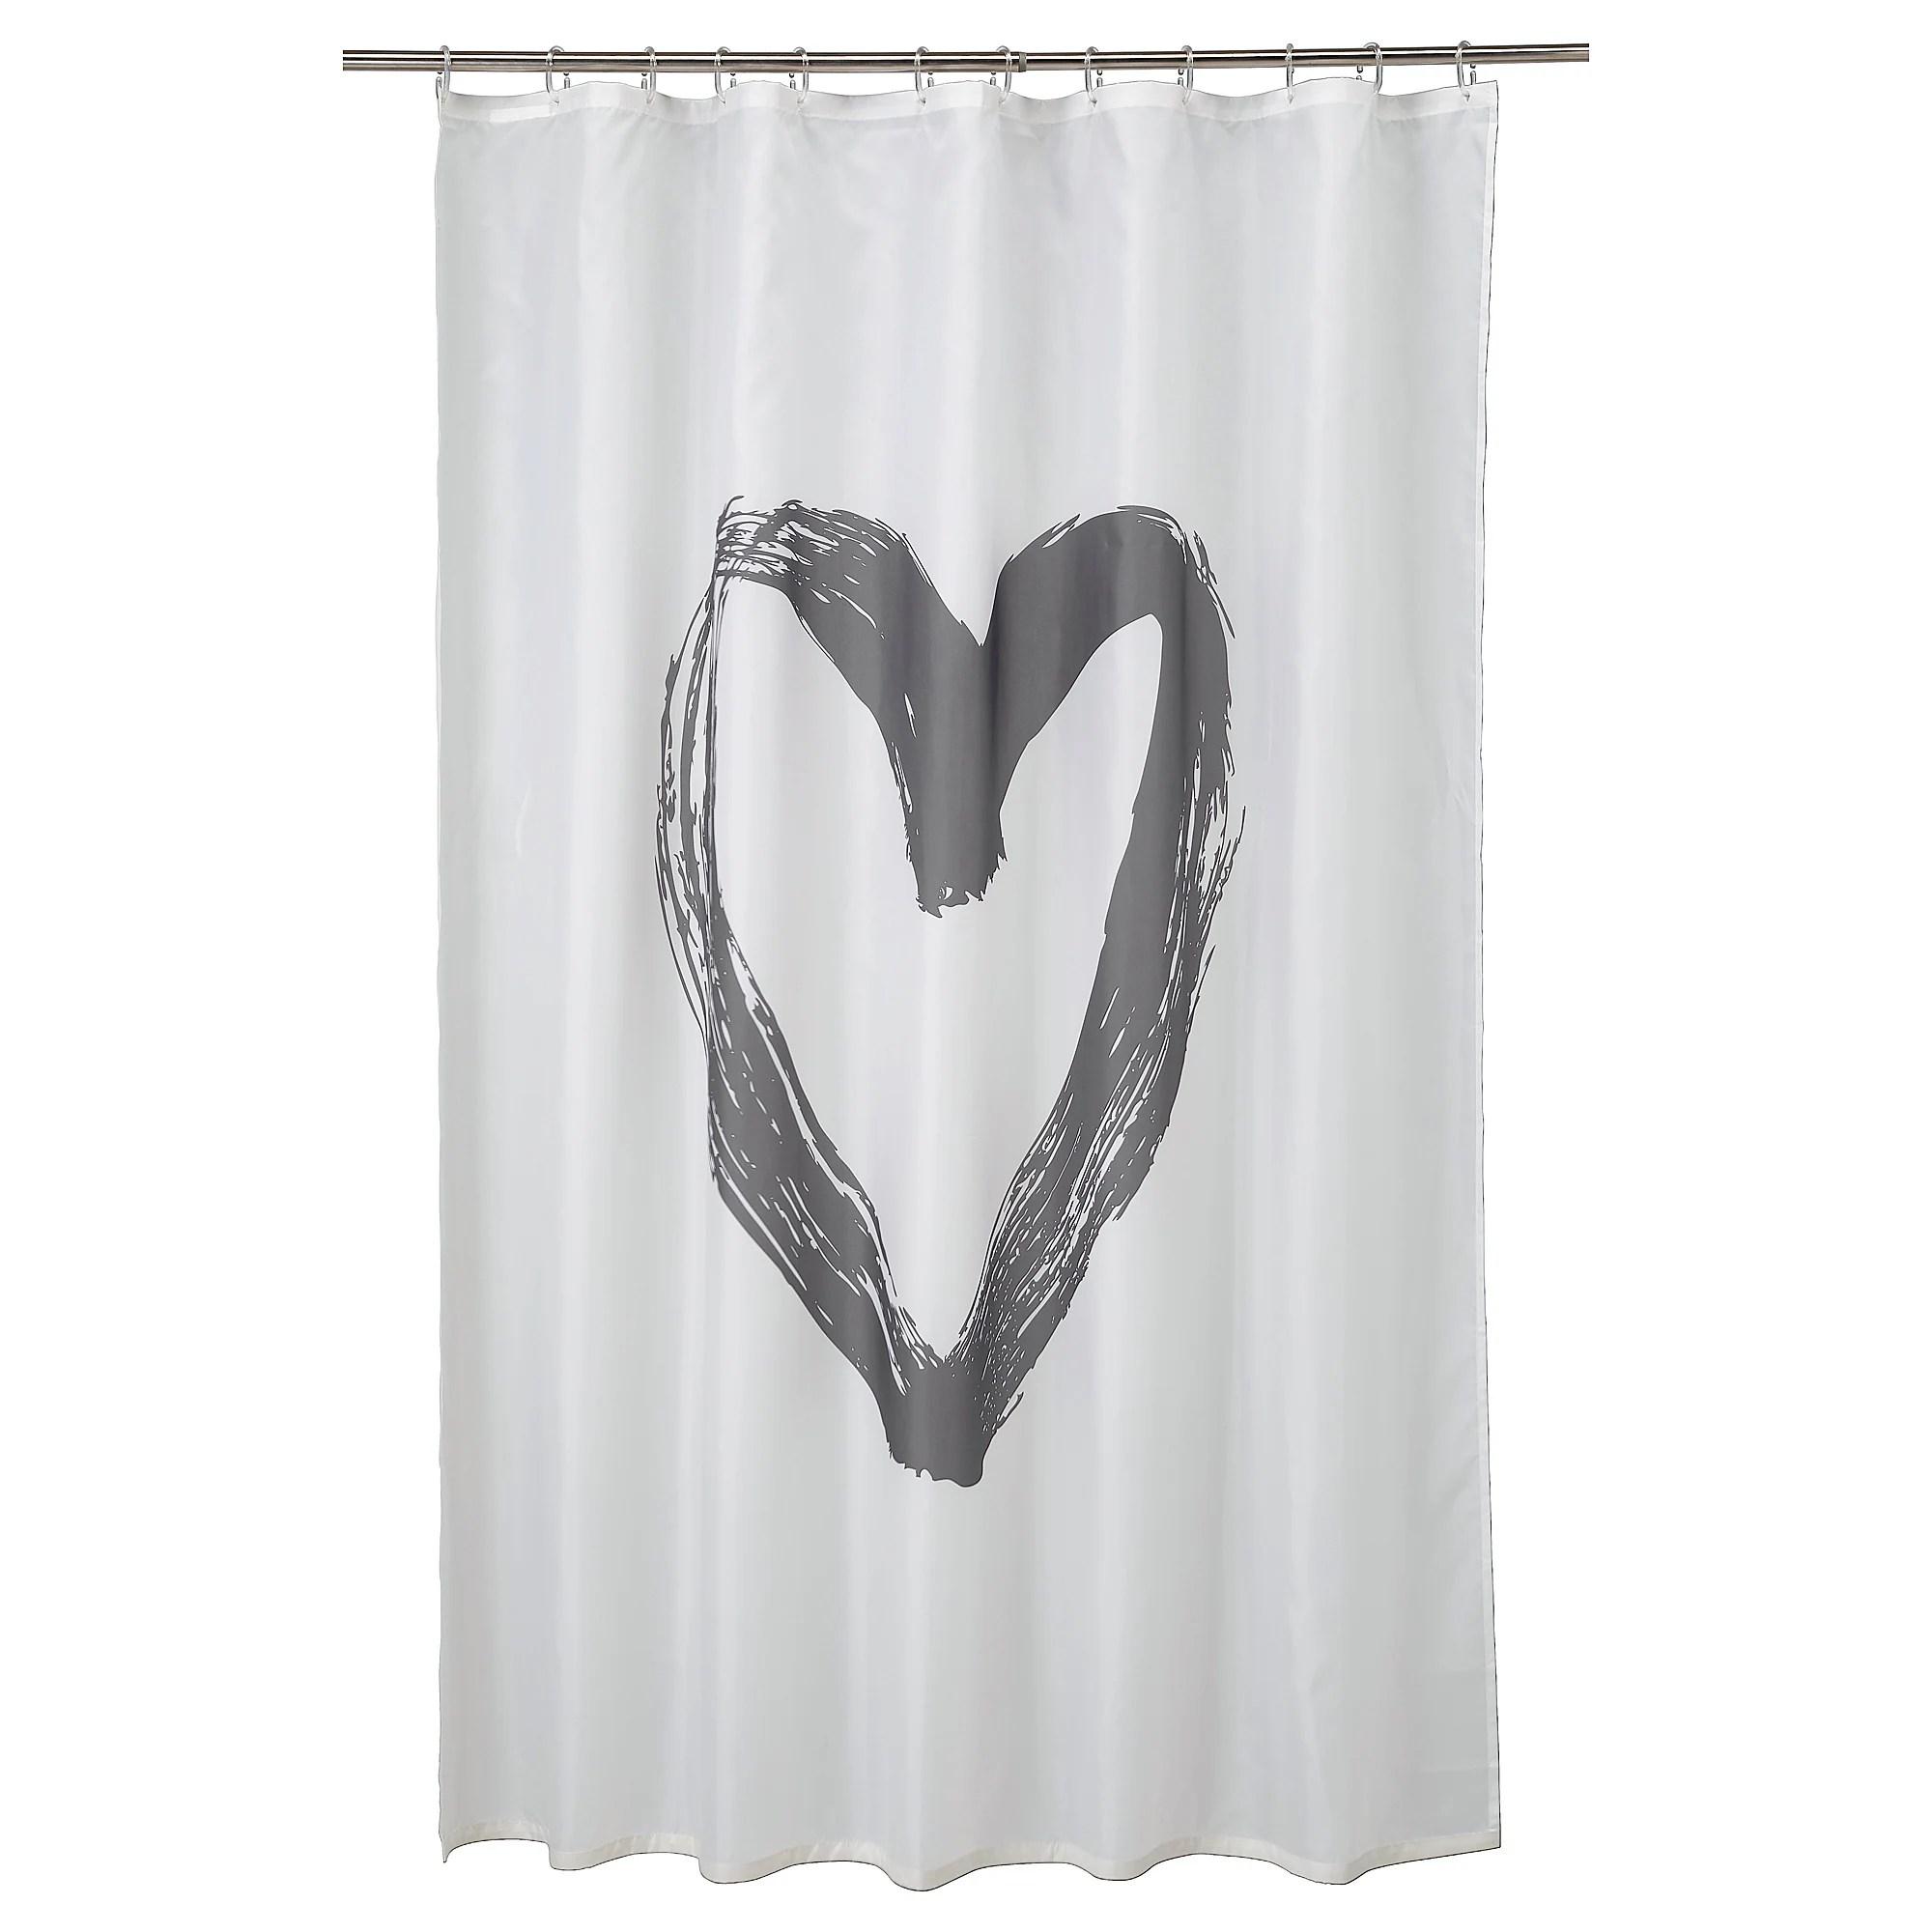 lyktfibbla rideau de douche blanc gris 180x200 cm